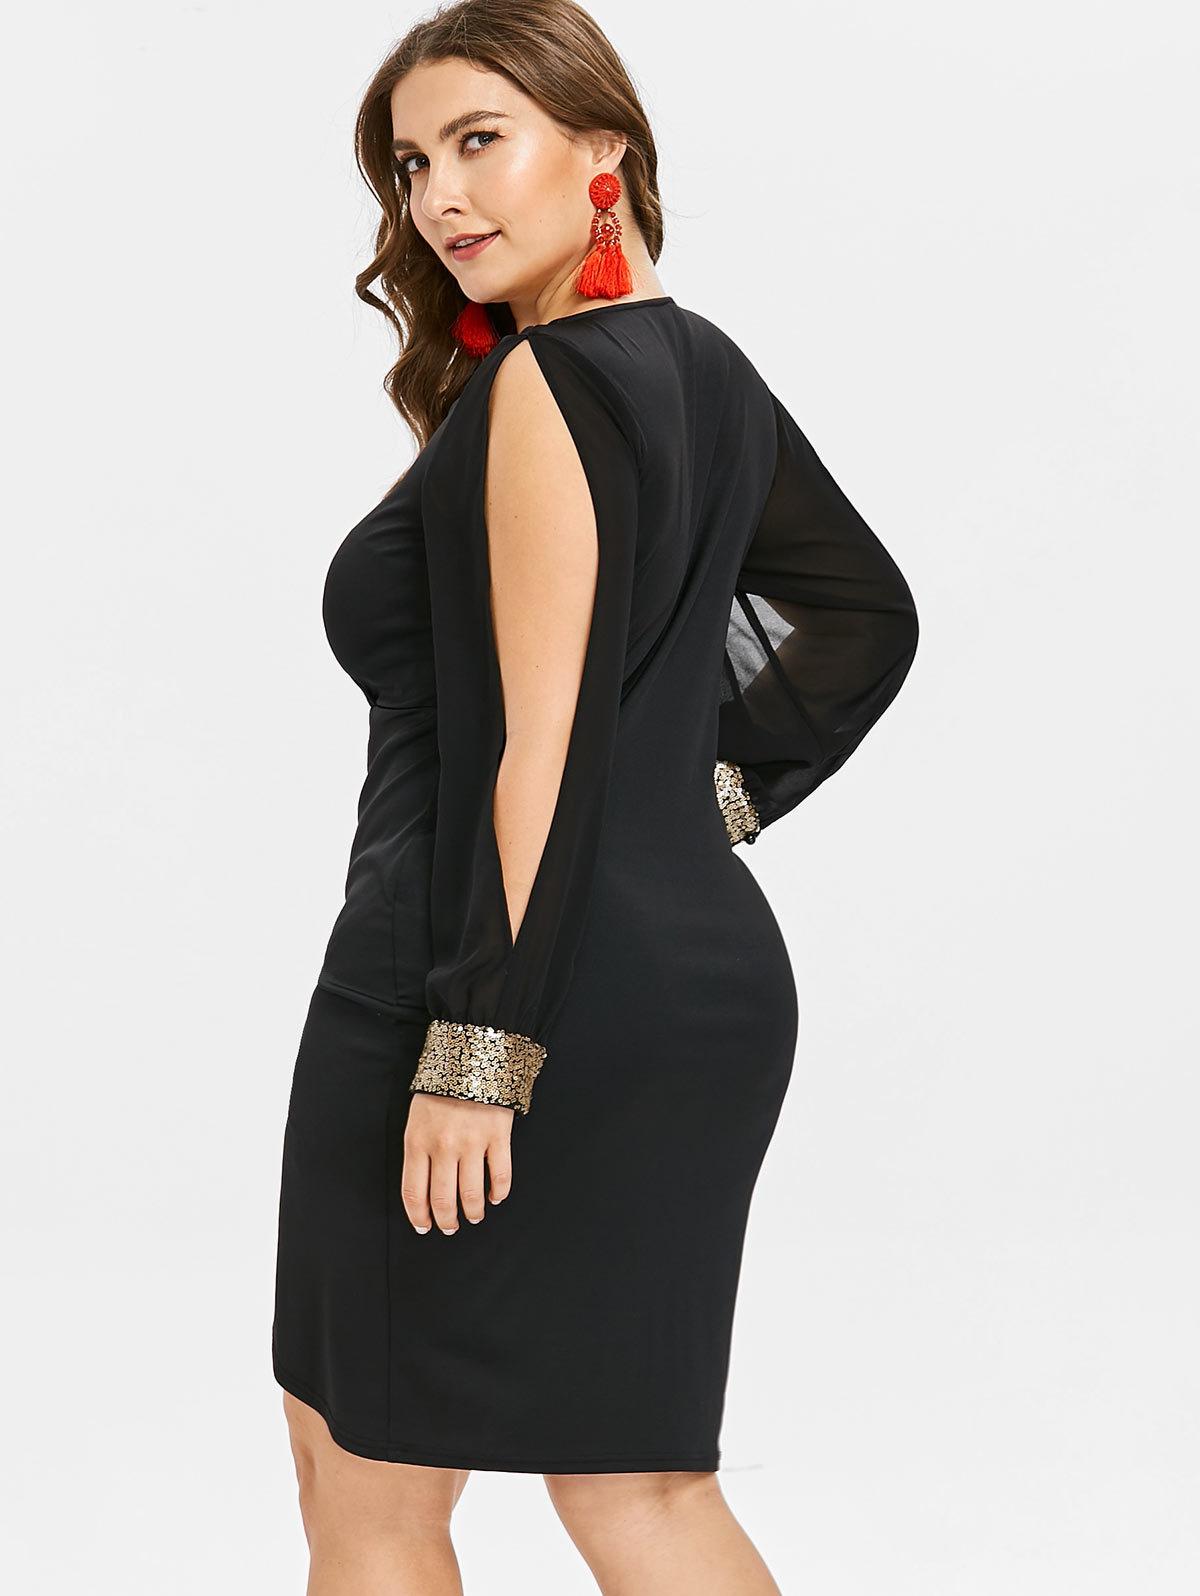 Plus Size Keyhole Neck Sequined Slit Bodycon Dress Autumn Women Clothing Party Dresses Ol Club Dress Vestidos 5xl designer clothes